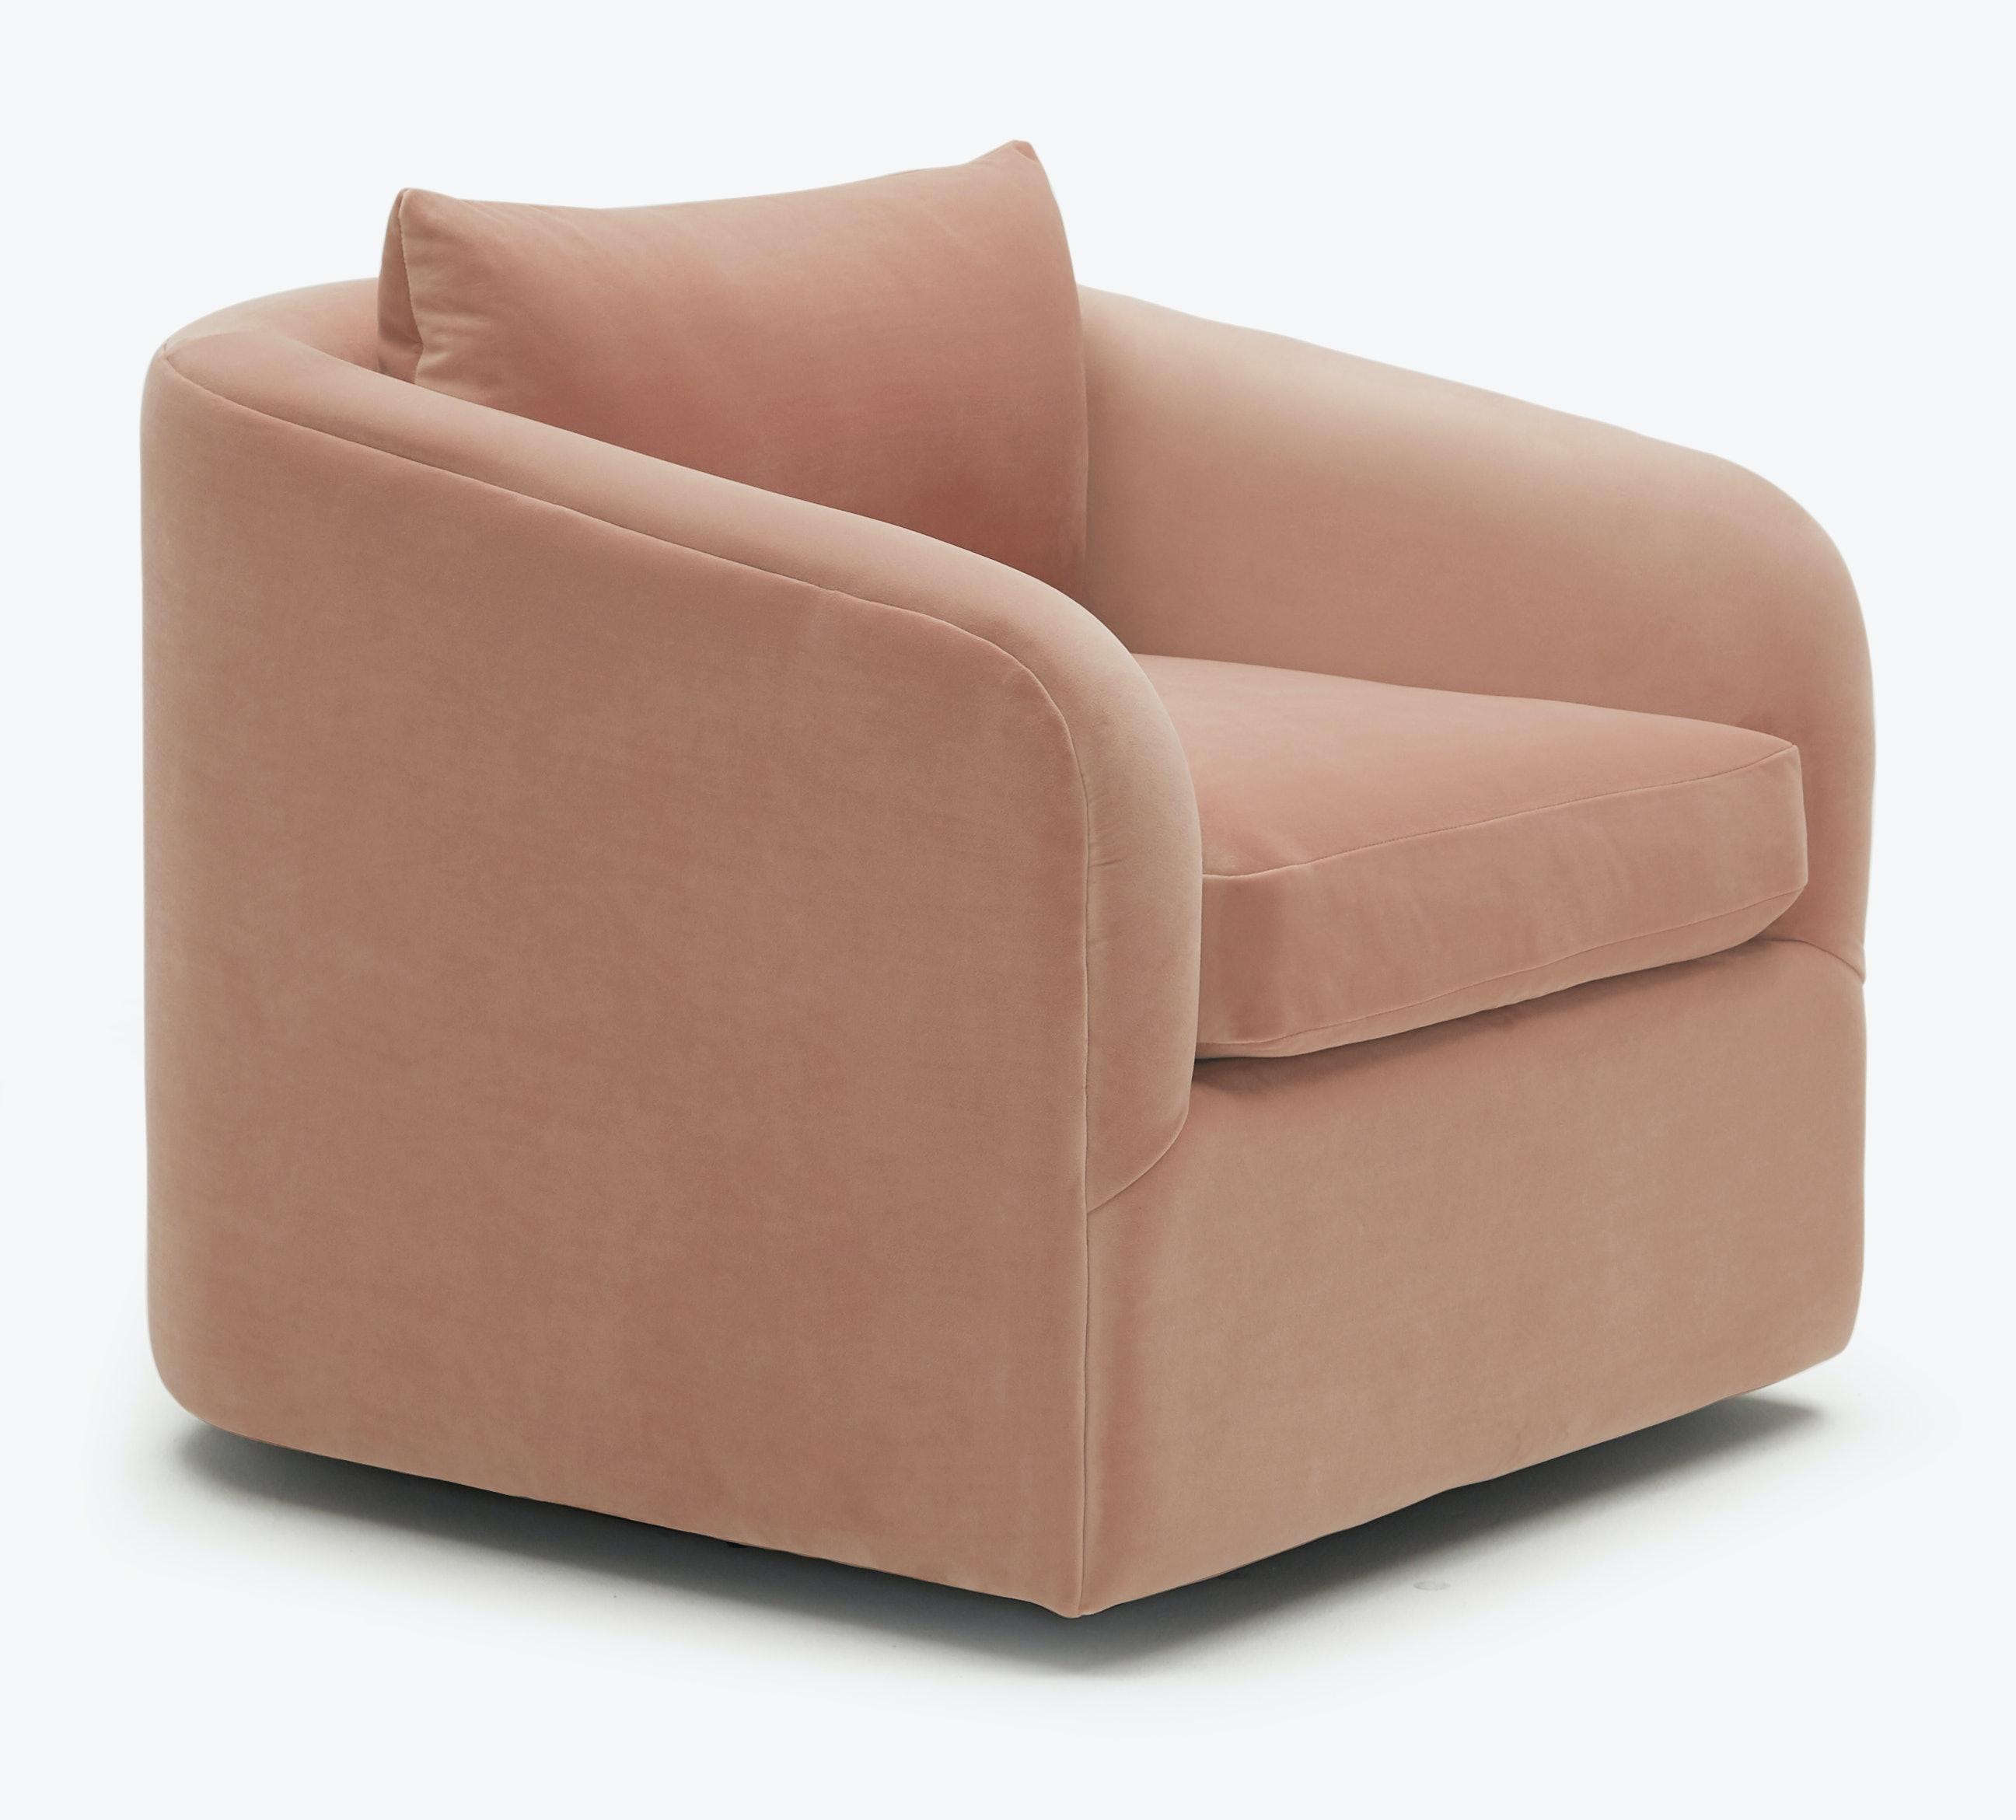 Amelia Swivel Chair Royale Blush